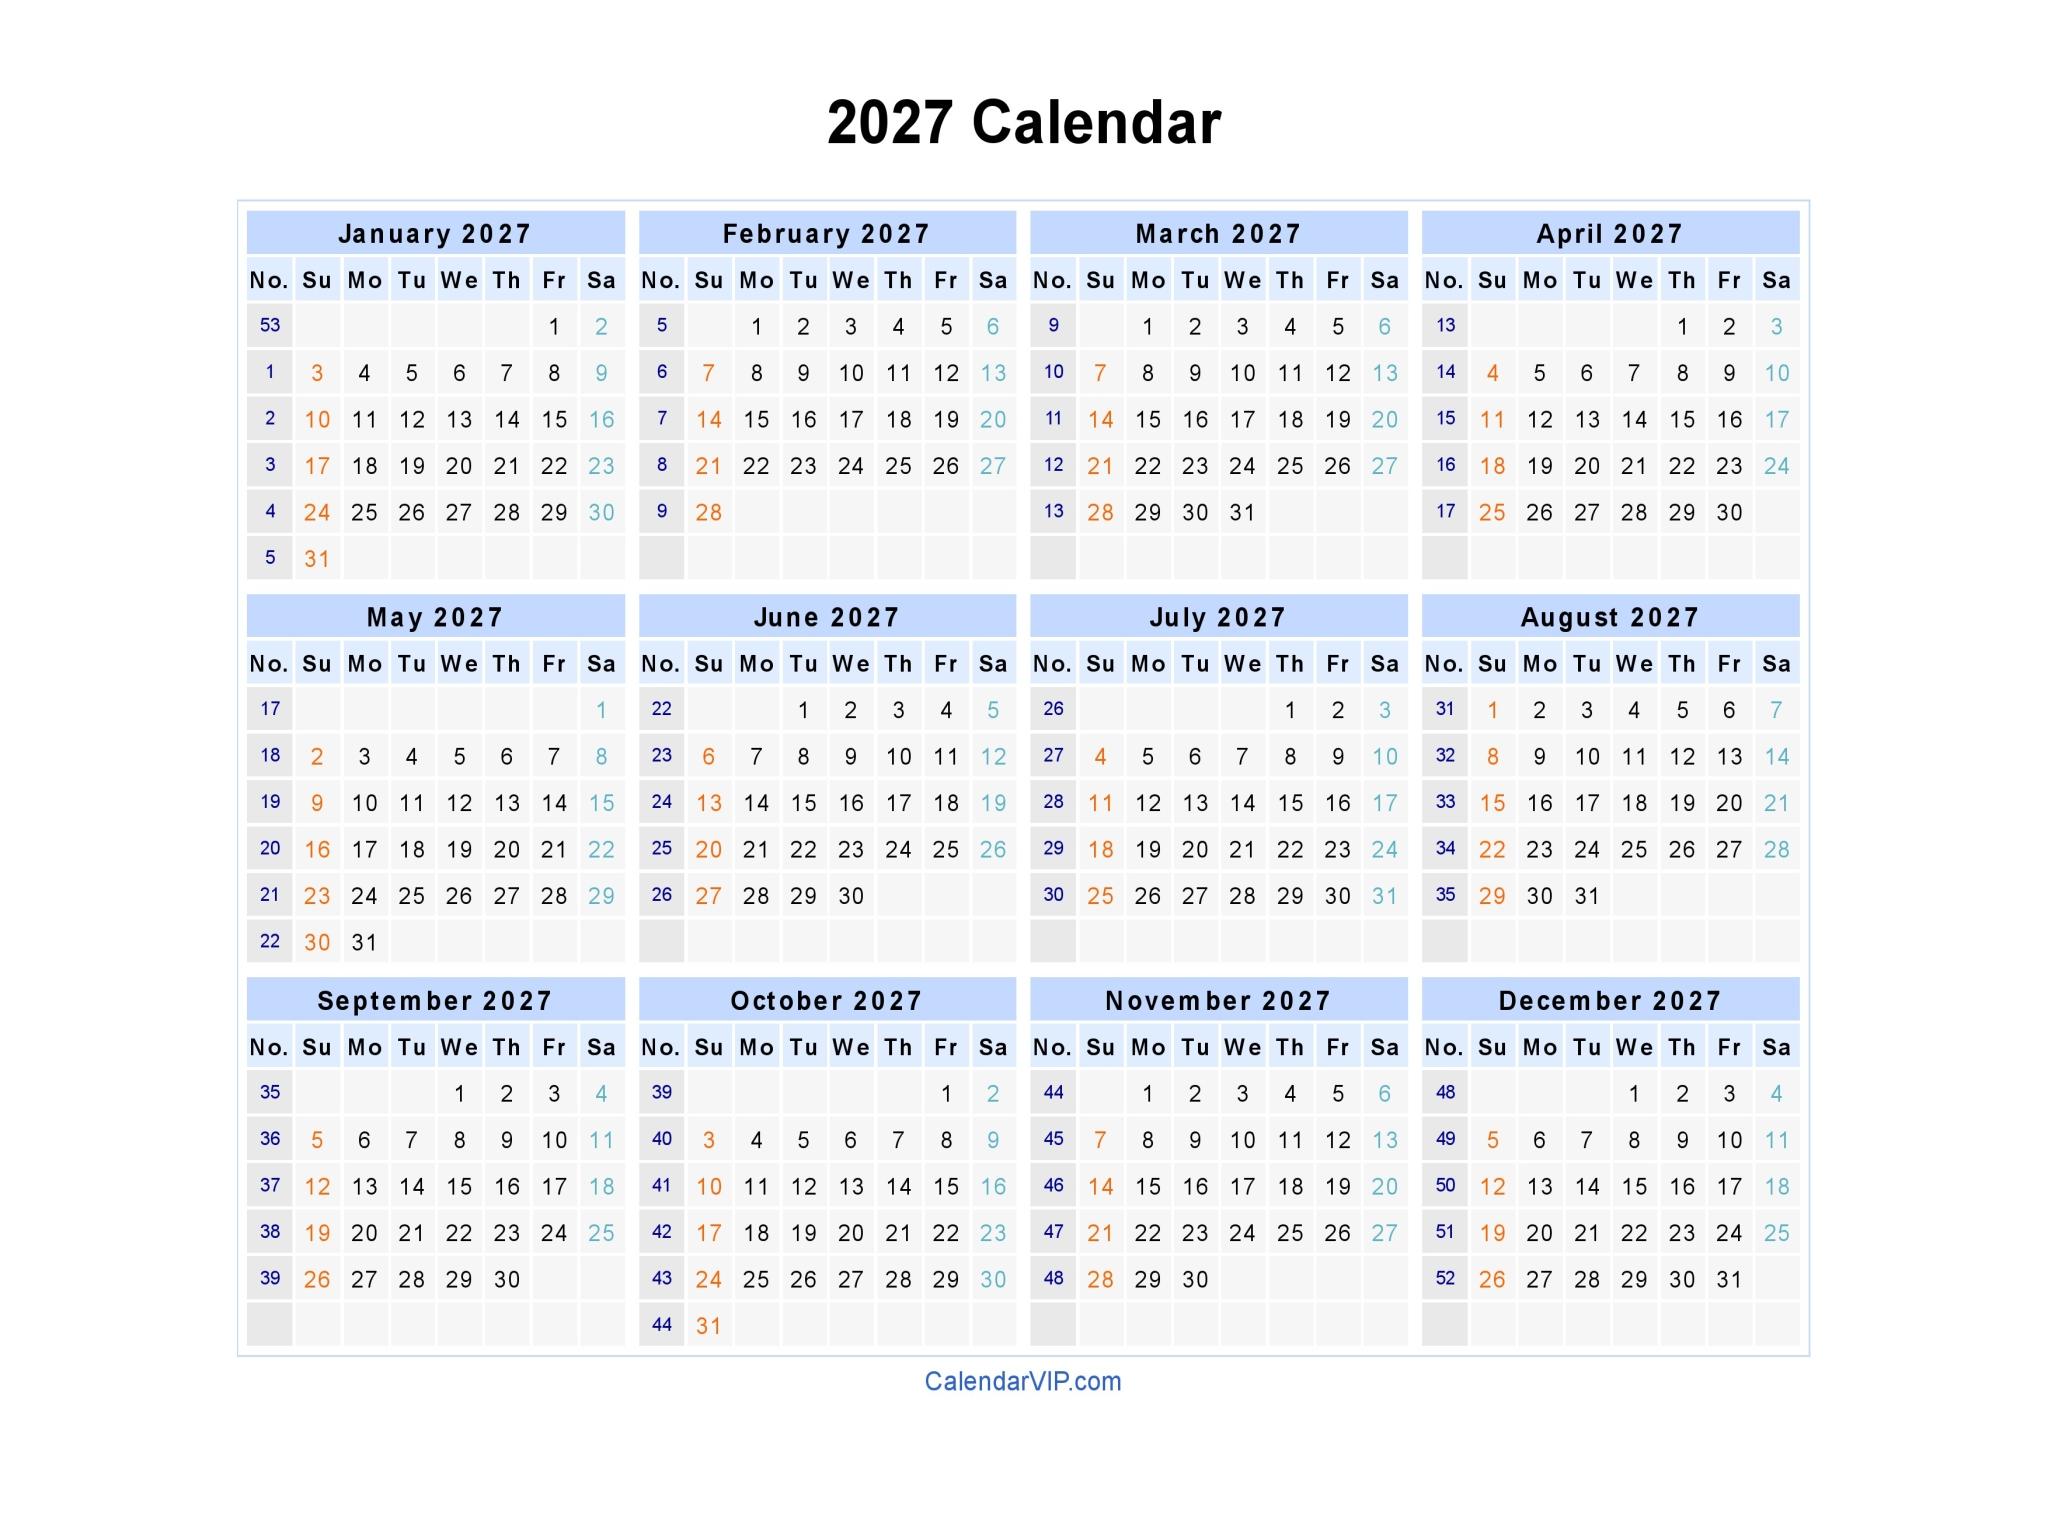 2027 Calendar - Blank Printable Calendar Template in PDF Word Excel